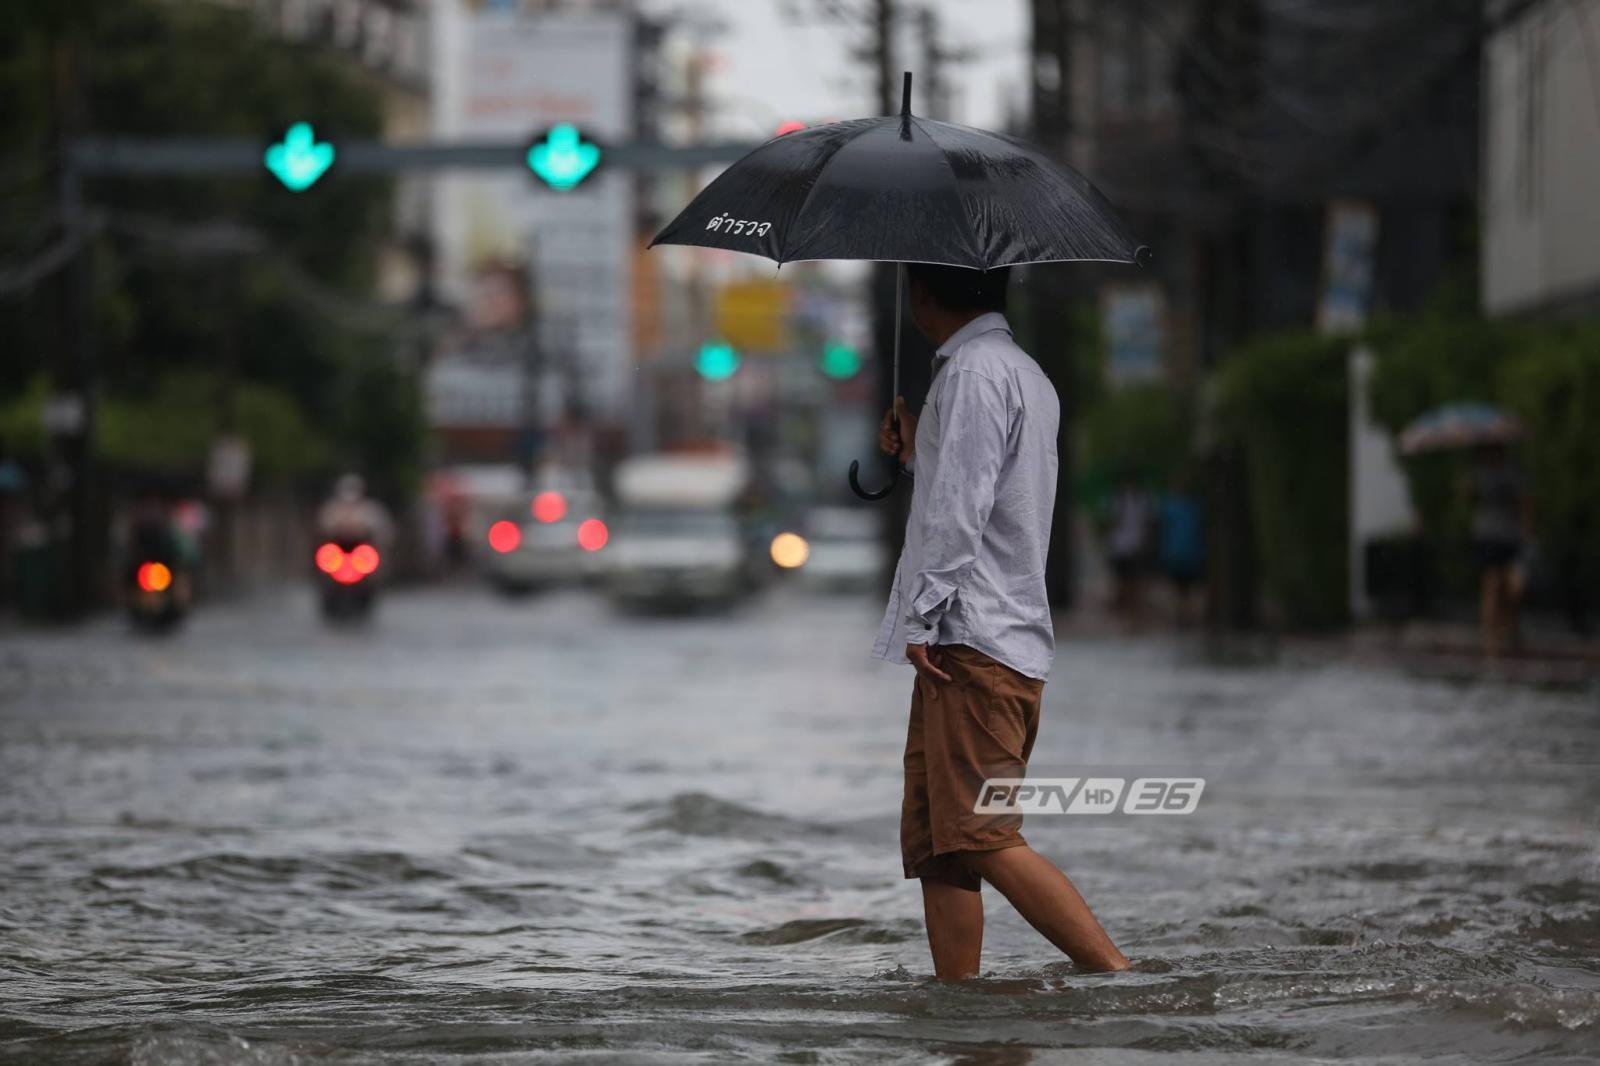 พยากรณ์อากาศวันนี้ 29 ก.ค. ฝนตกทั้งสัปดาห์ ระวังน้ำท่วม น้ำป่าไหลหลาก